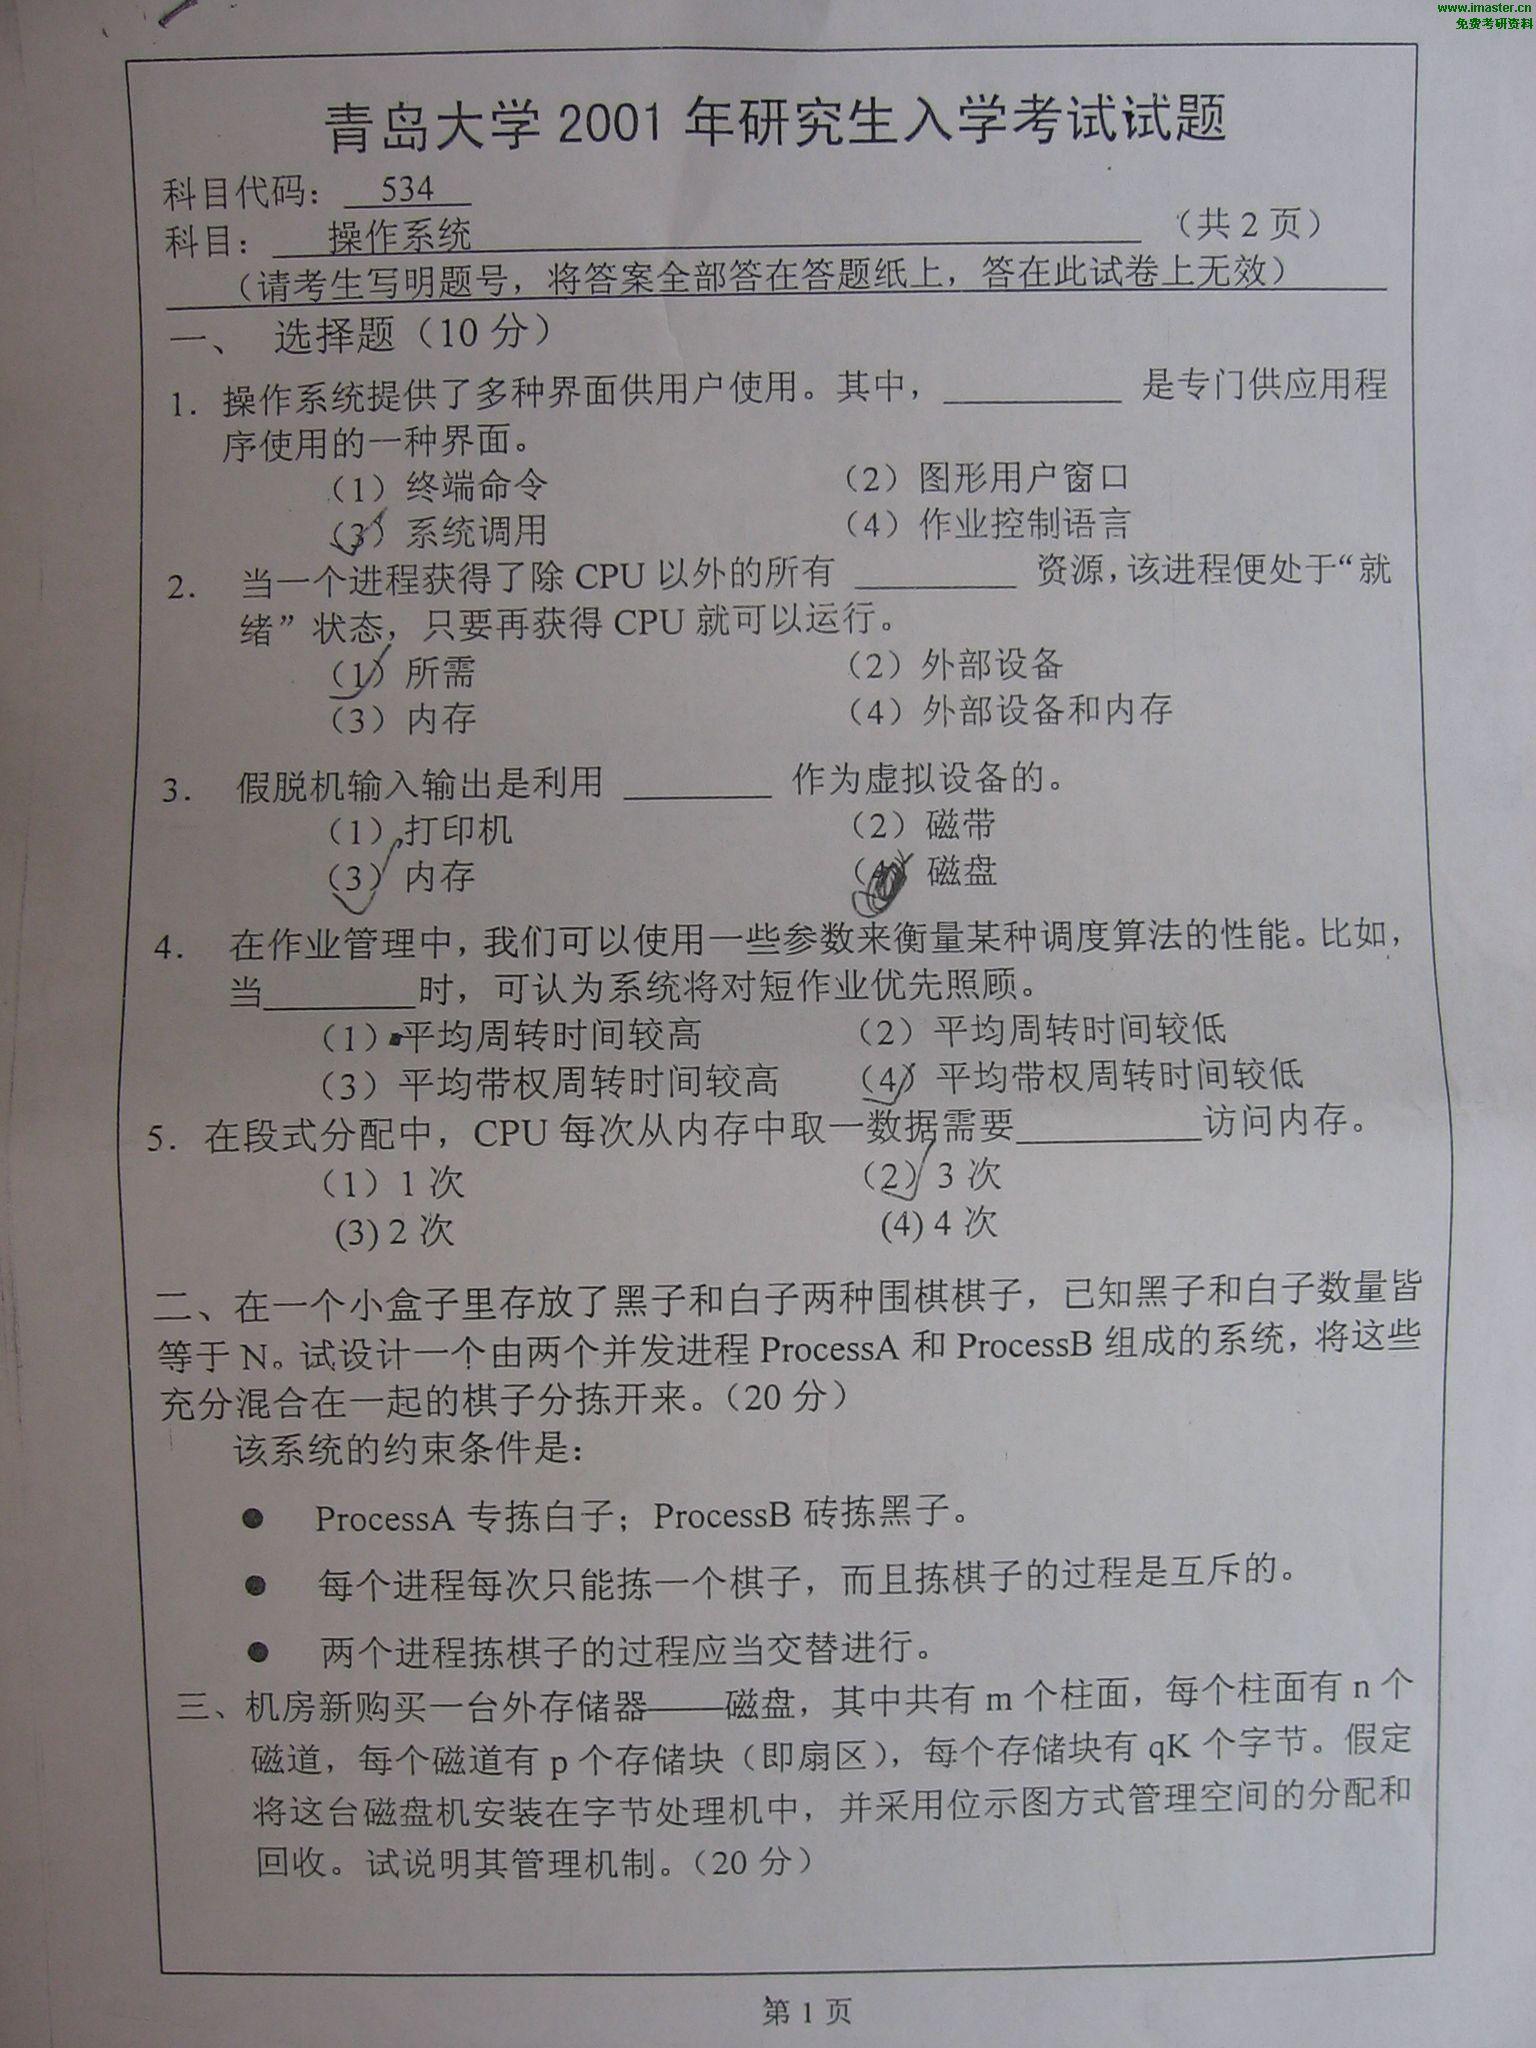 青岛大学2001年操作系统专业课考研真题试卷